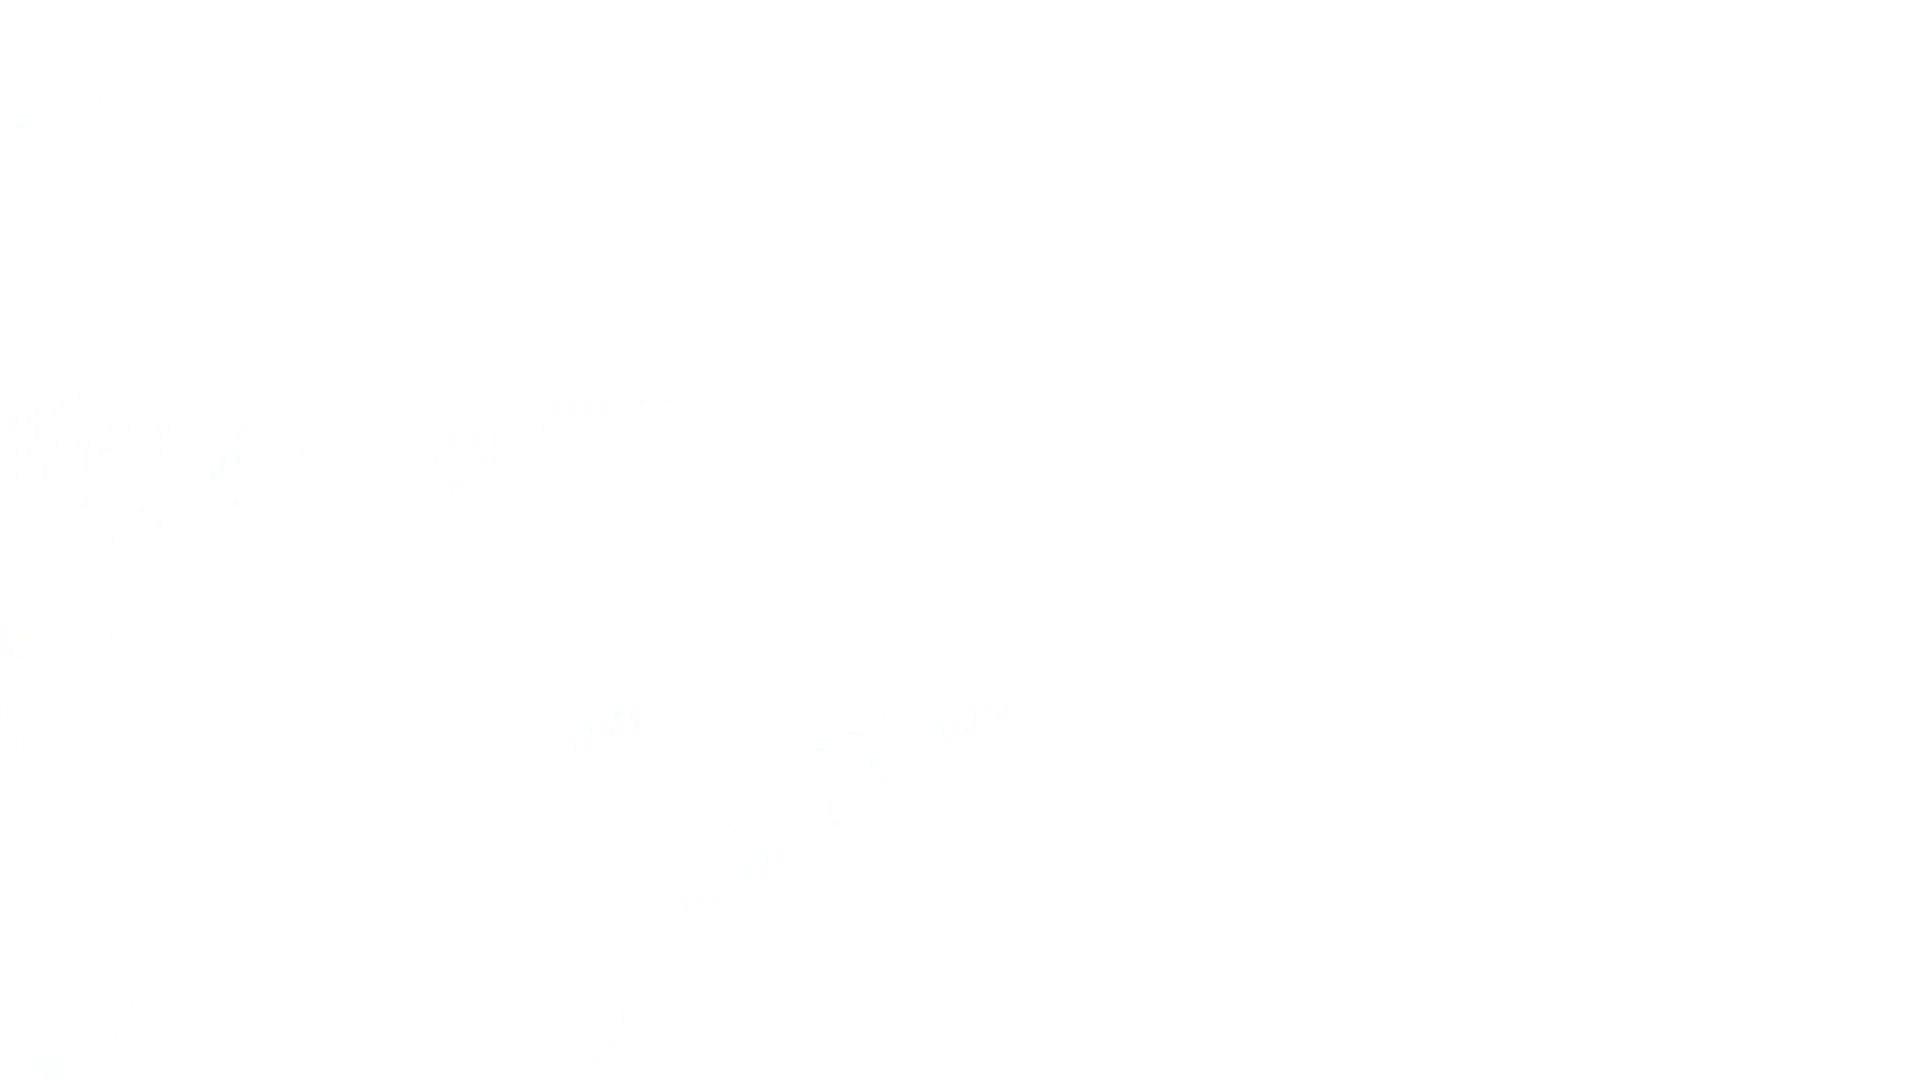 ※100個限定販売 至高下半身盗撮 プレミアム Vol.10 ハイビジョン 盗撮エロすぎ   OL  67連発 54